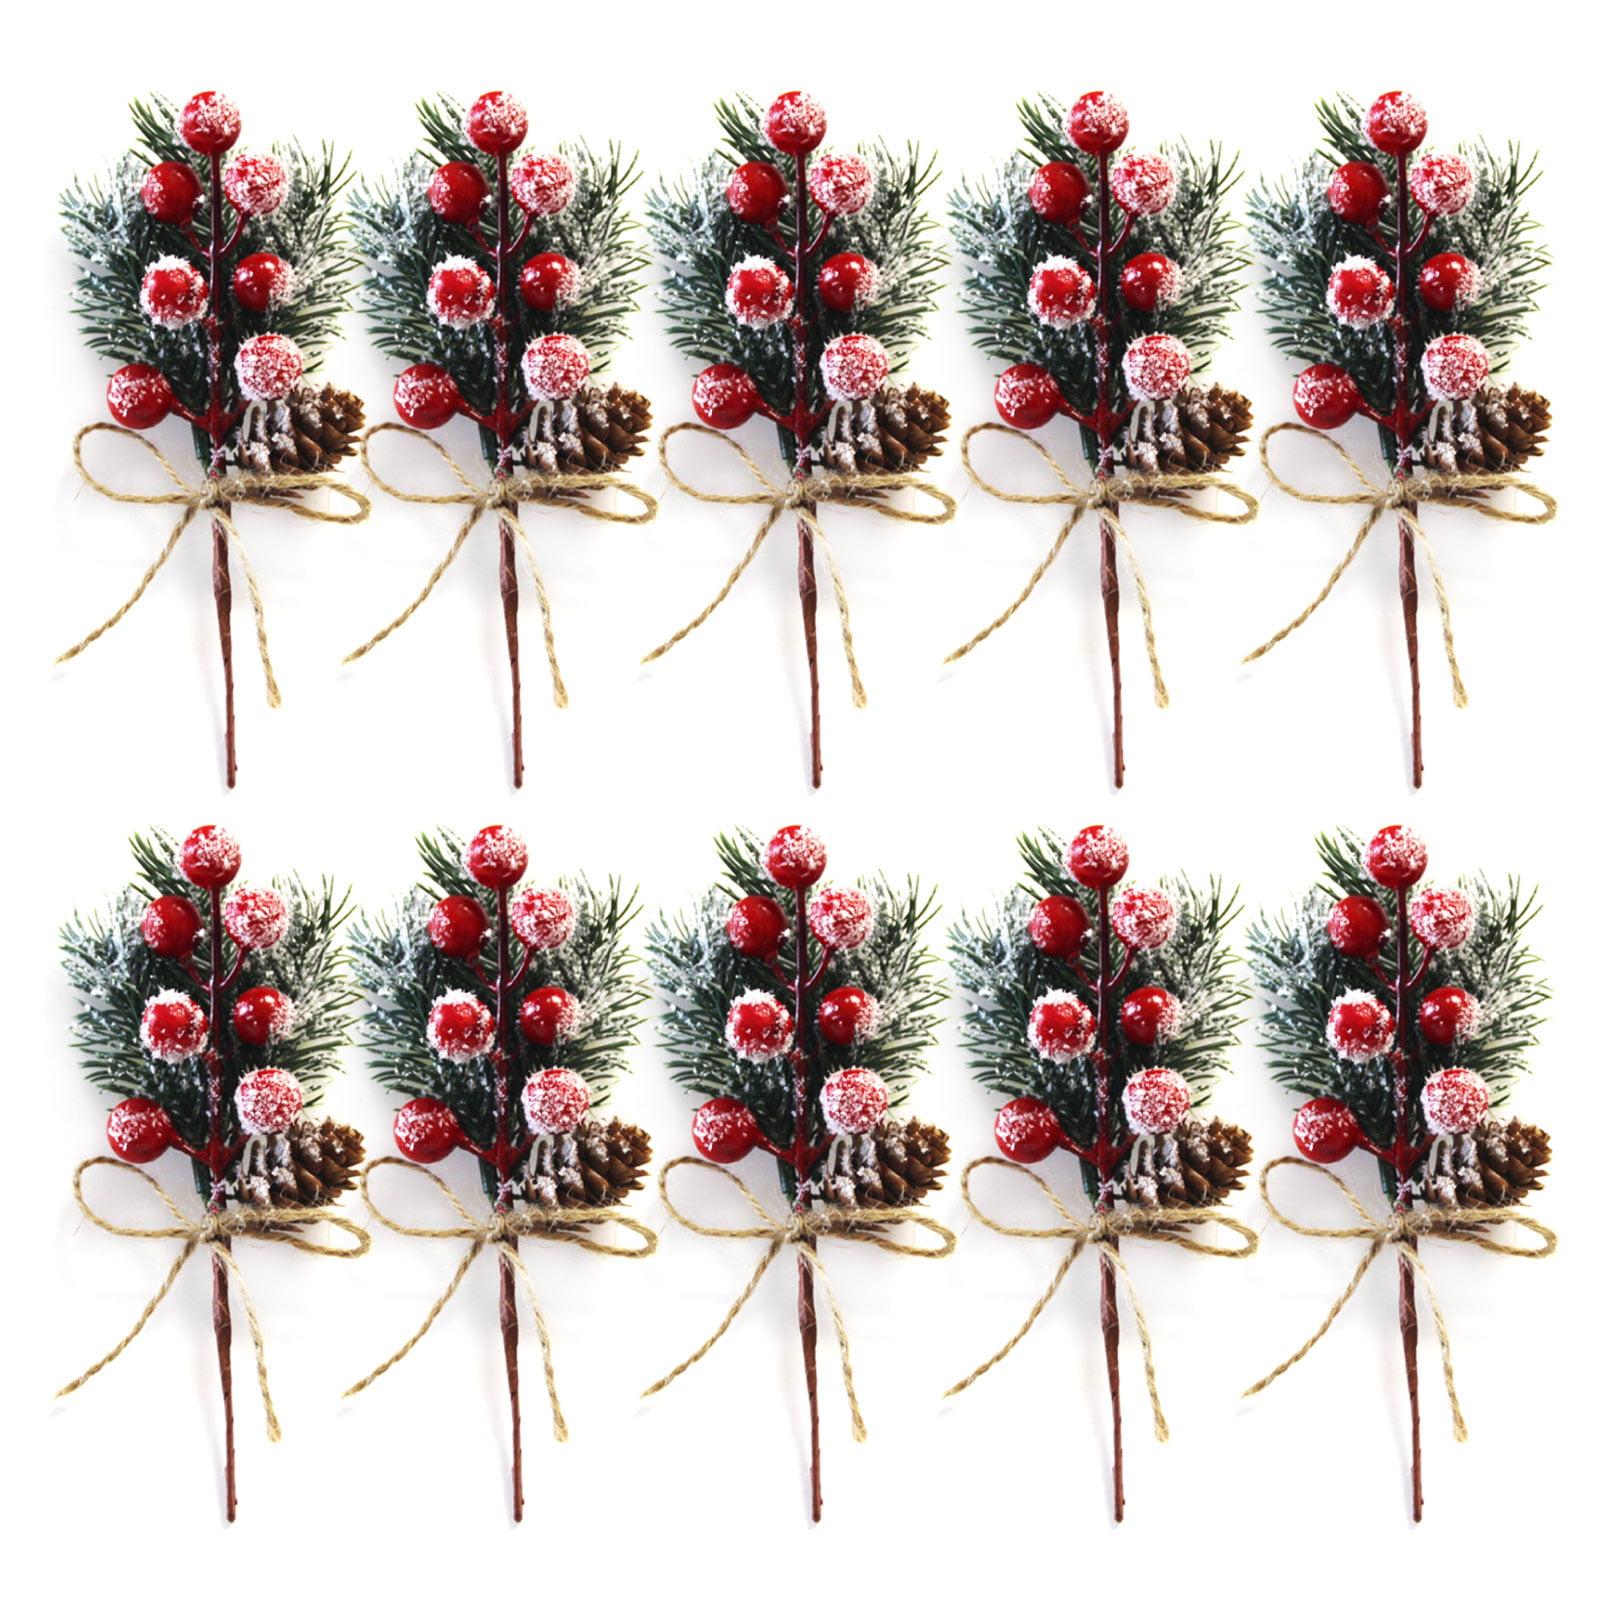 Christmas Berry Artificial Pine Cone For Xmas Decor Fake Flower Artificial Pine